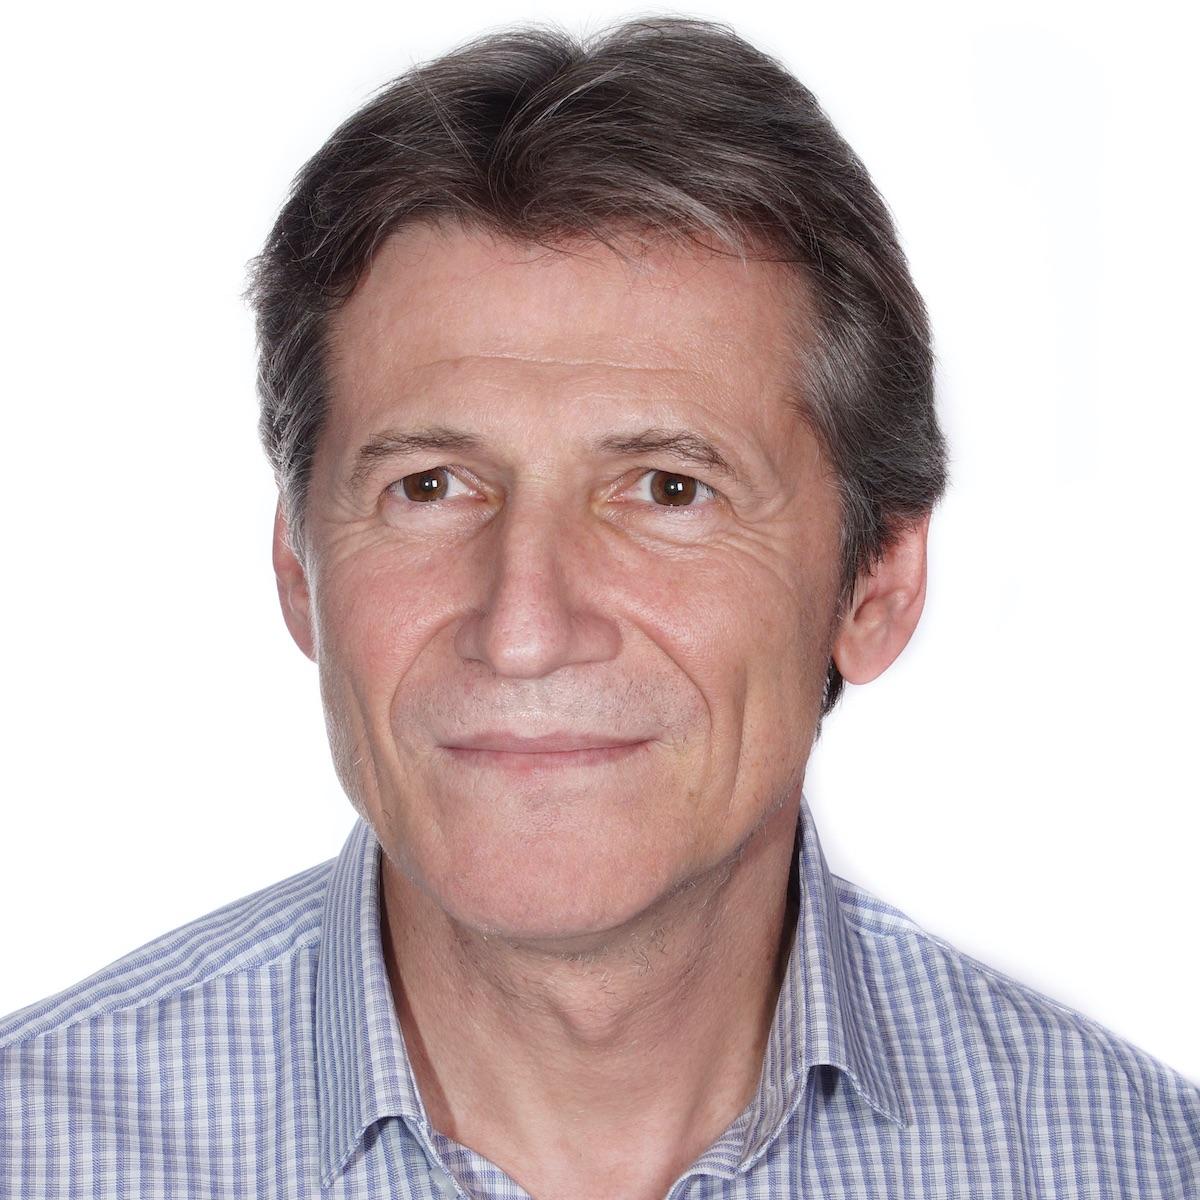 Benon Maliszewski